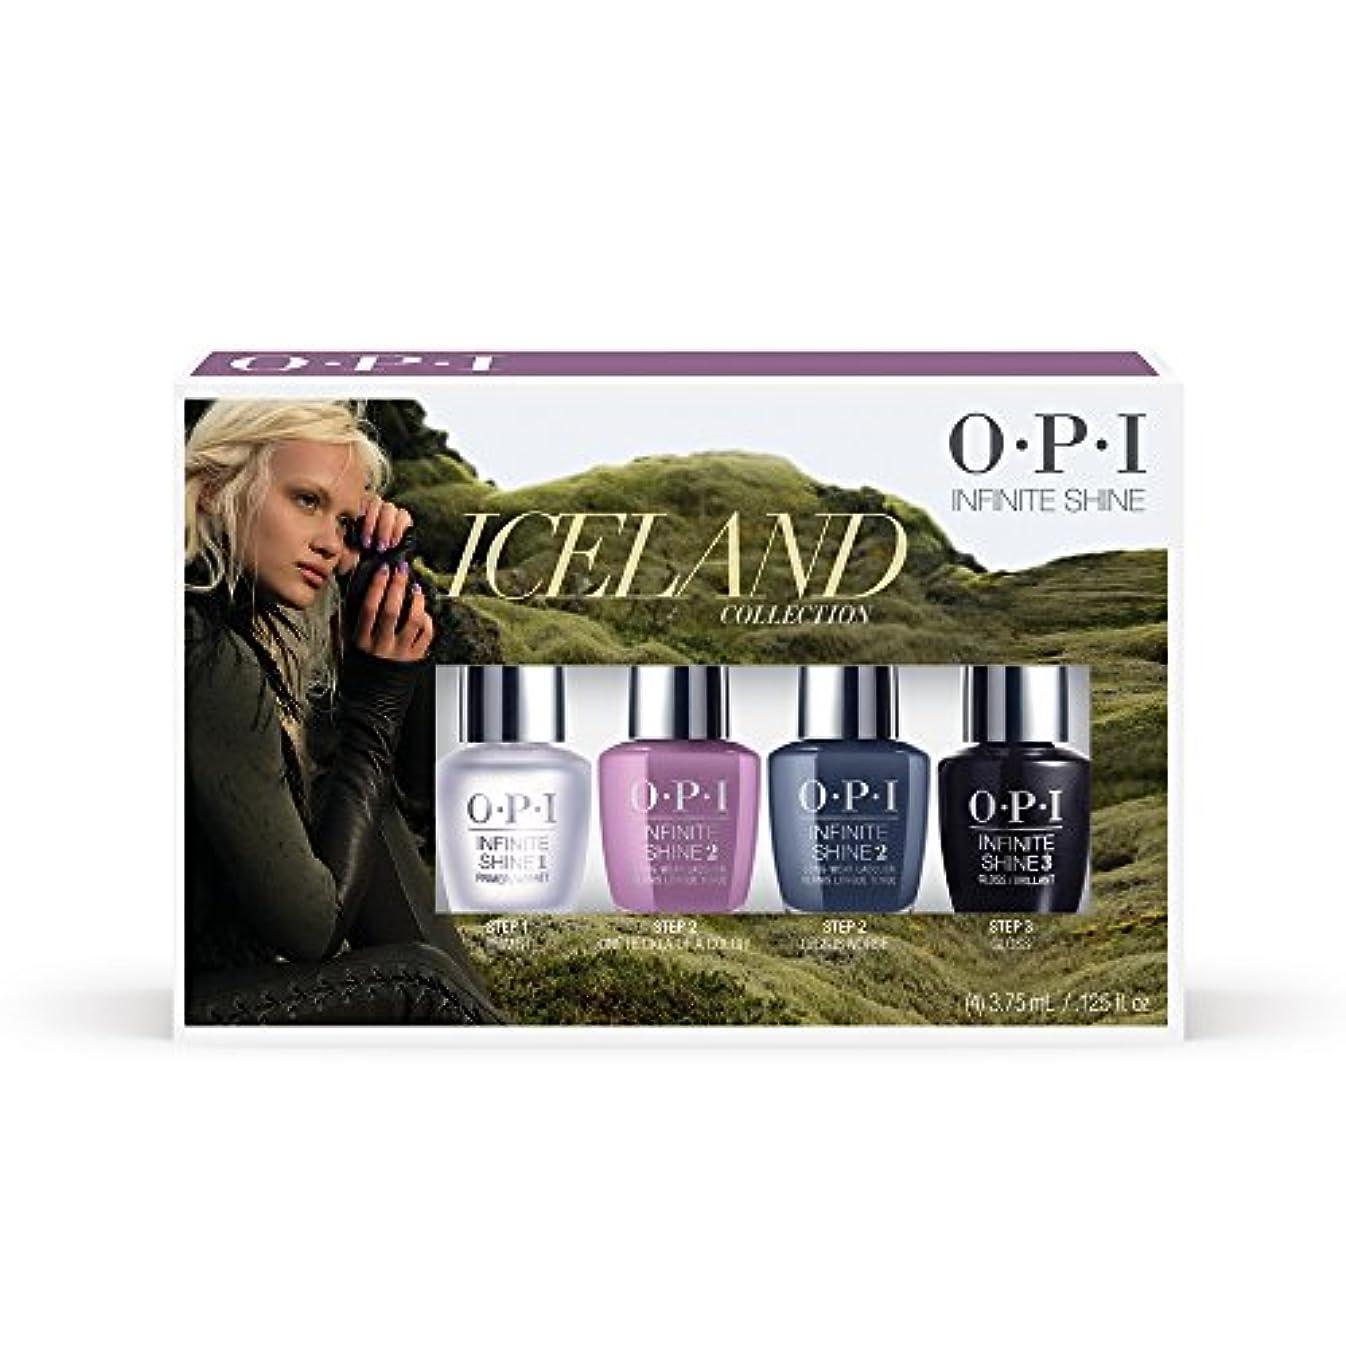 旅行者血色の良いクライマックスOPI(オーピーアイ) アイスランド コレクション インフィニット シャイン ミニパック